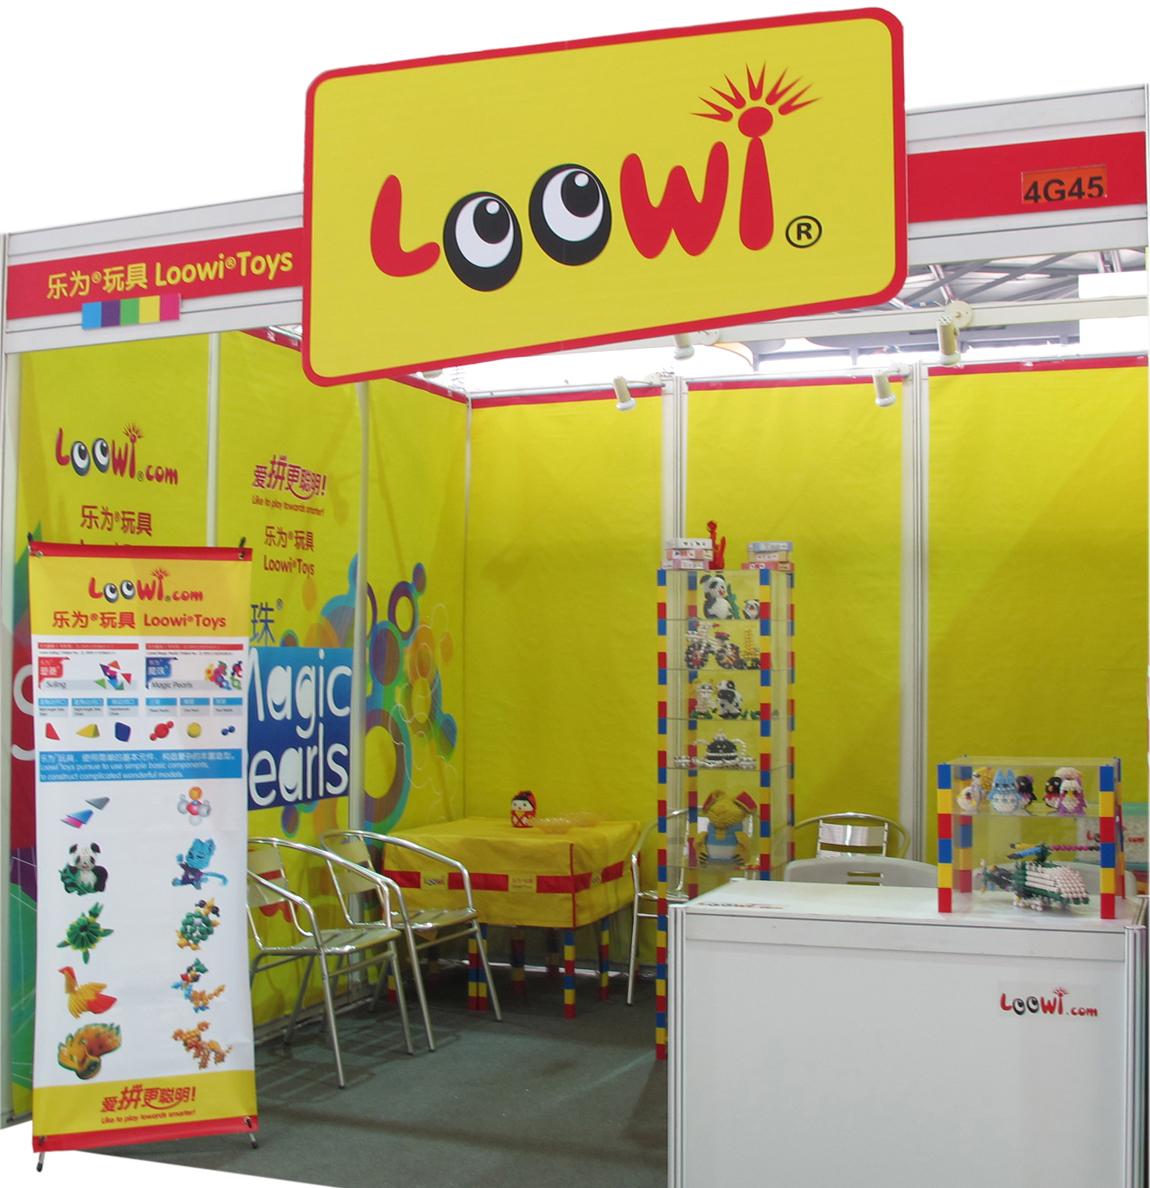 有感于2012中国玩具展----益智亲子DIY艺术创意玩具面面观 龙年,金秋气爽,万商云集浦东,玩具参展拓商机,思想交流织新意。 2012年10月9日下午,上海新国际博览中心N4馆4G45展位,Loowi乐为公司一行四人谈笑间用了3个多小时就早早布置好展位。乐为是一家富有创新精神的公司,在展位的设计上也显示出其独到之处: 经济型品牌楣头 卷轴式展位背景(九轴背景图分挂于左、中、右九米宽展板,携带方便,循环使用) 便携式专用展柜(可组装及可拆解,携带方便,循环使用) 折叠式乐为